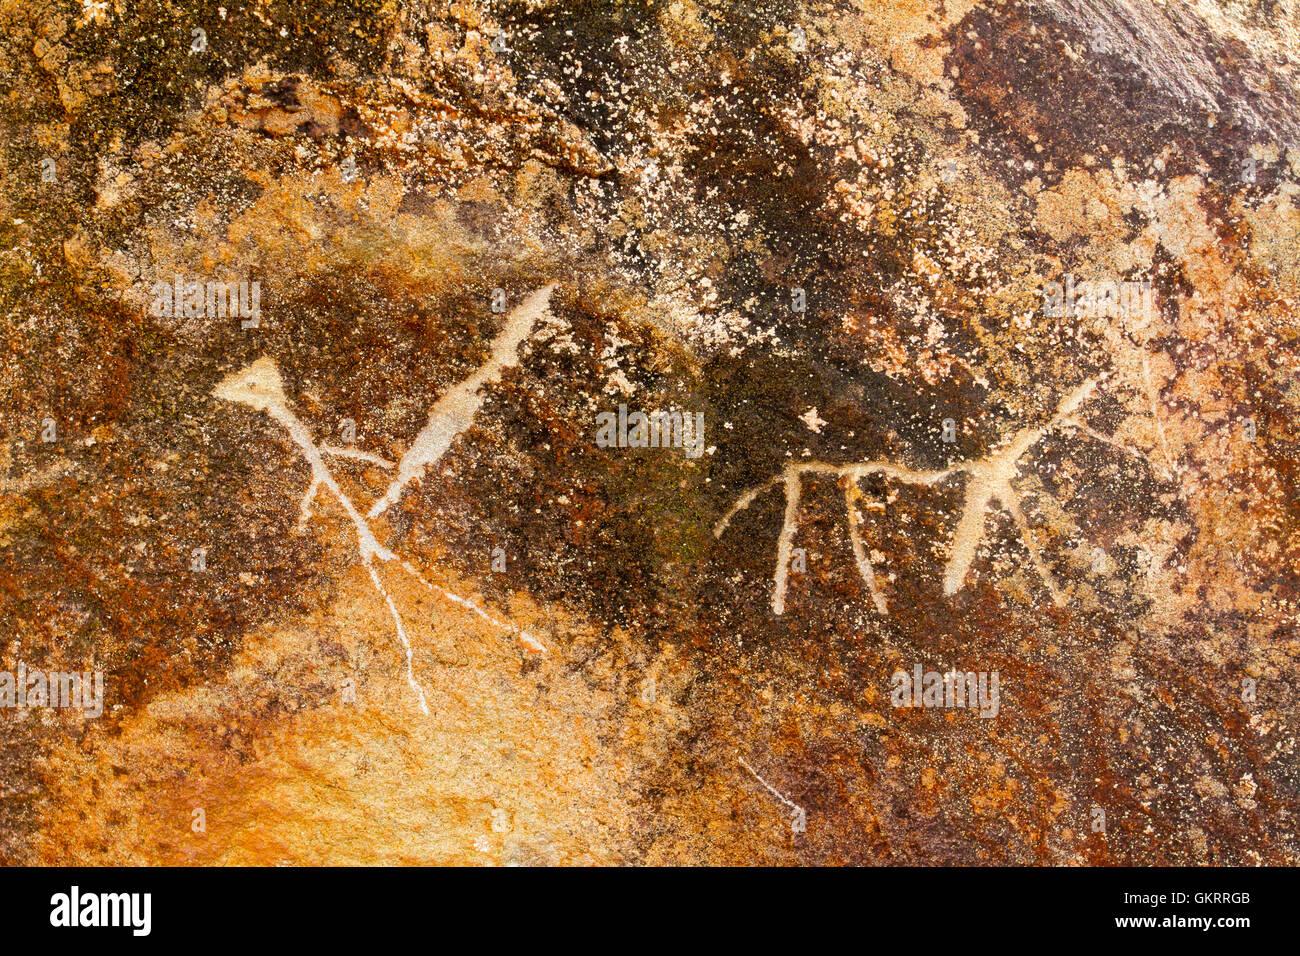 Rock Hieroglyphics Hawaii - Stock Image